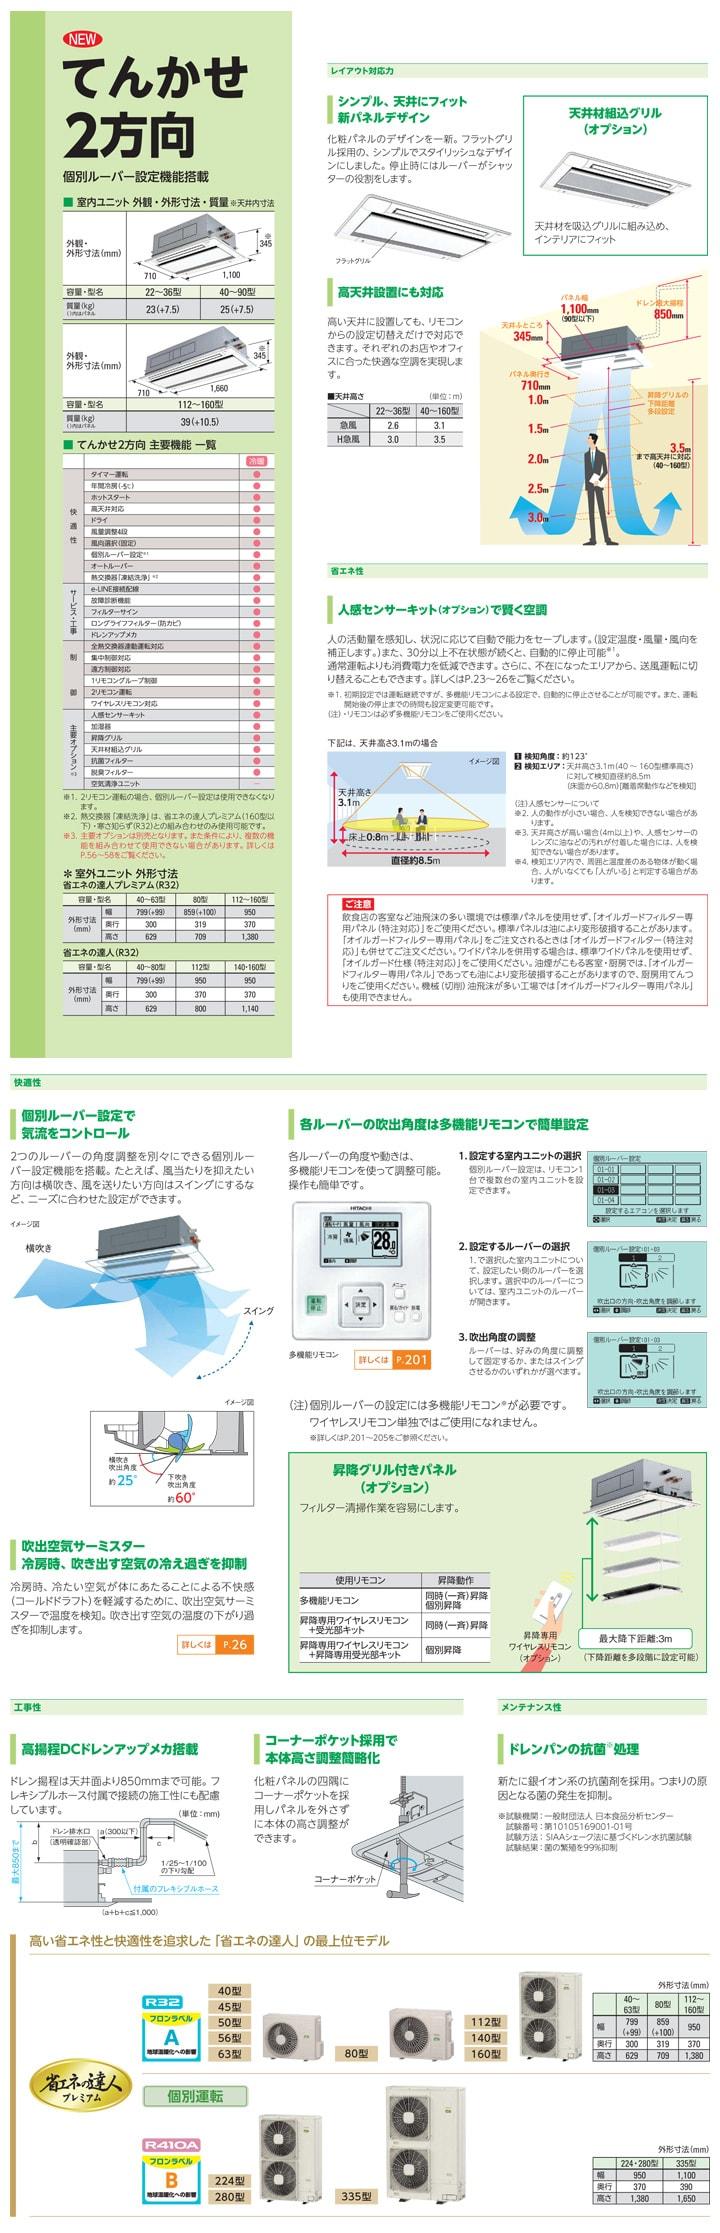 日立 業務用エアコン RCID-GP80RGH3